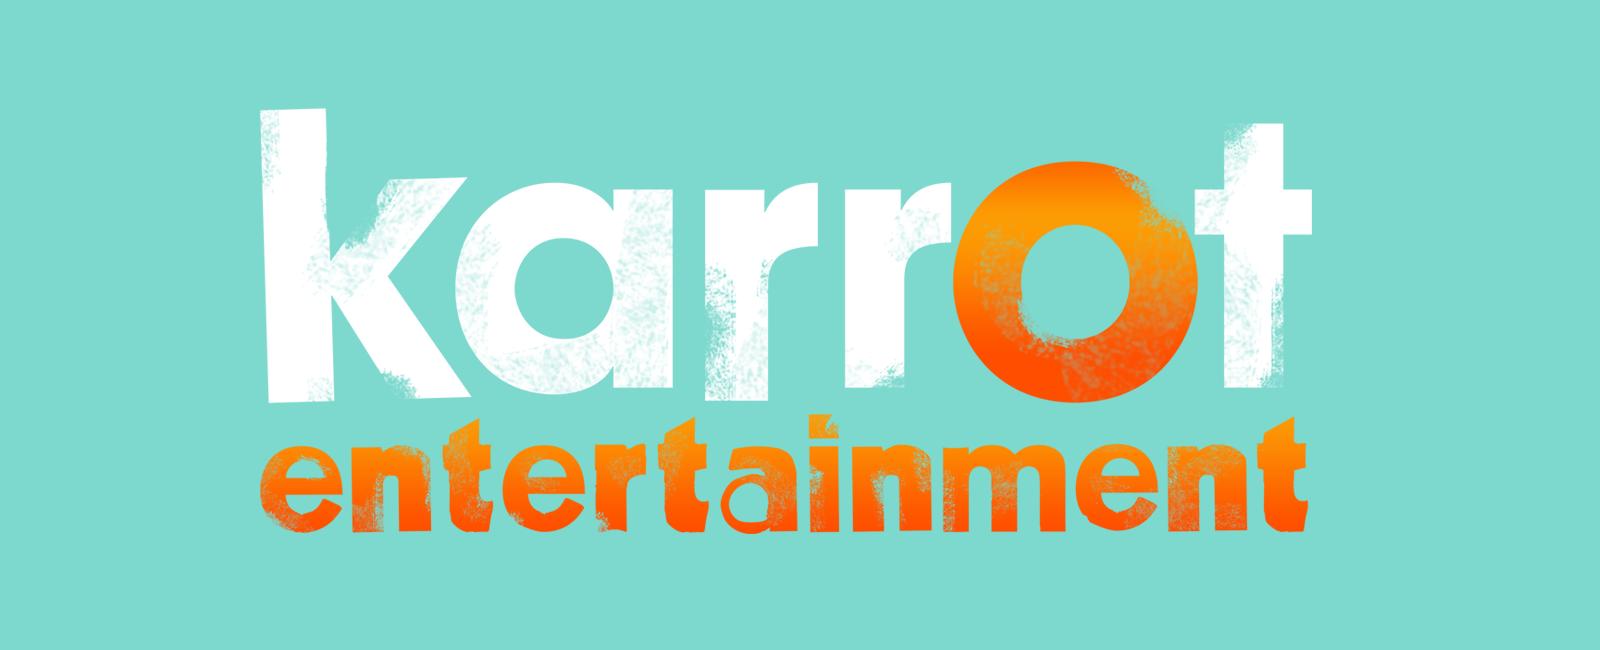 Karrot-Ent-LightBlueGreen.png